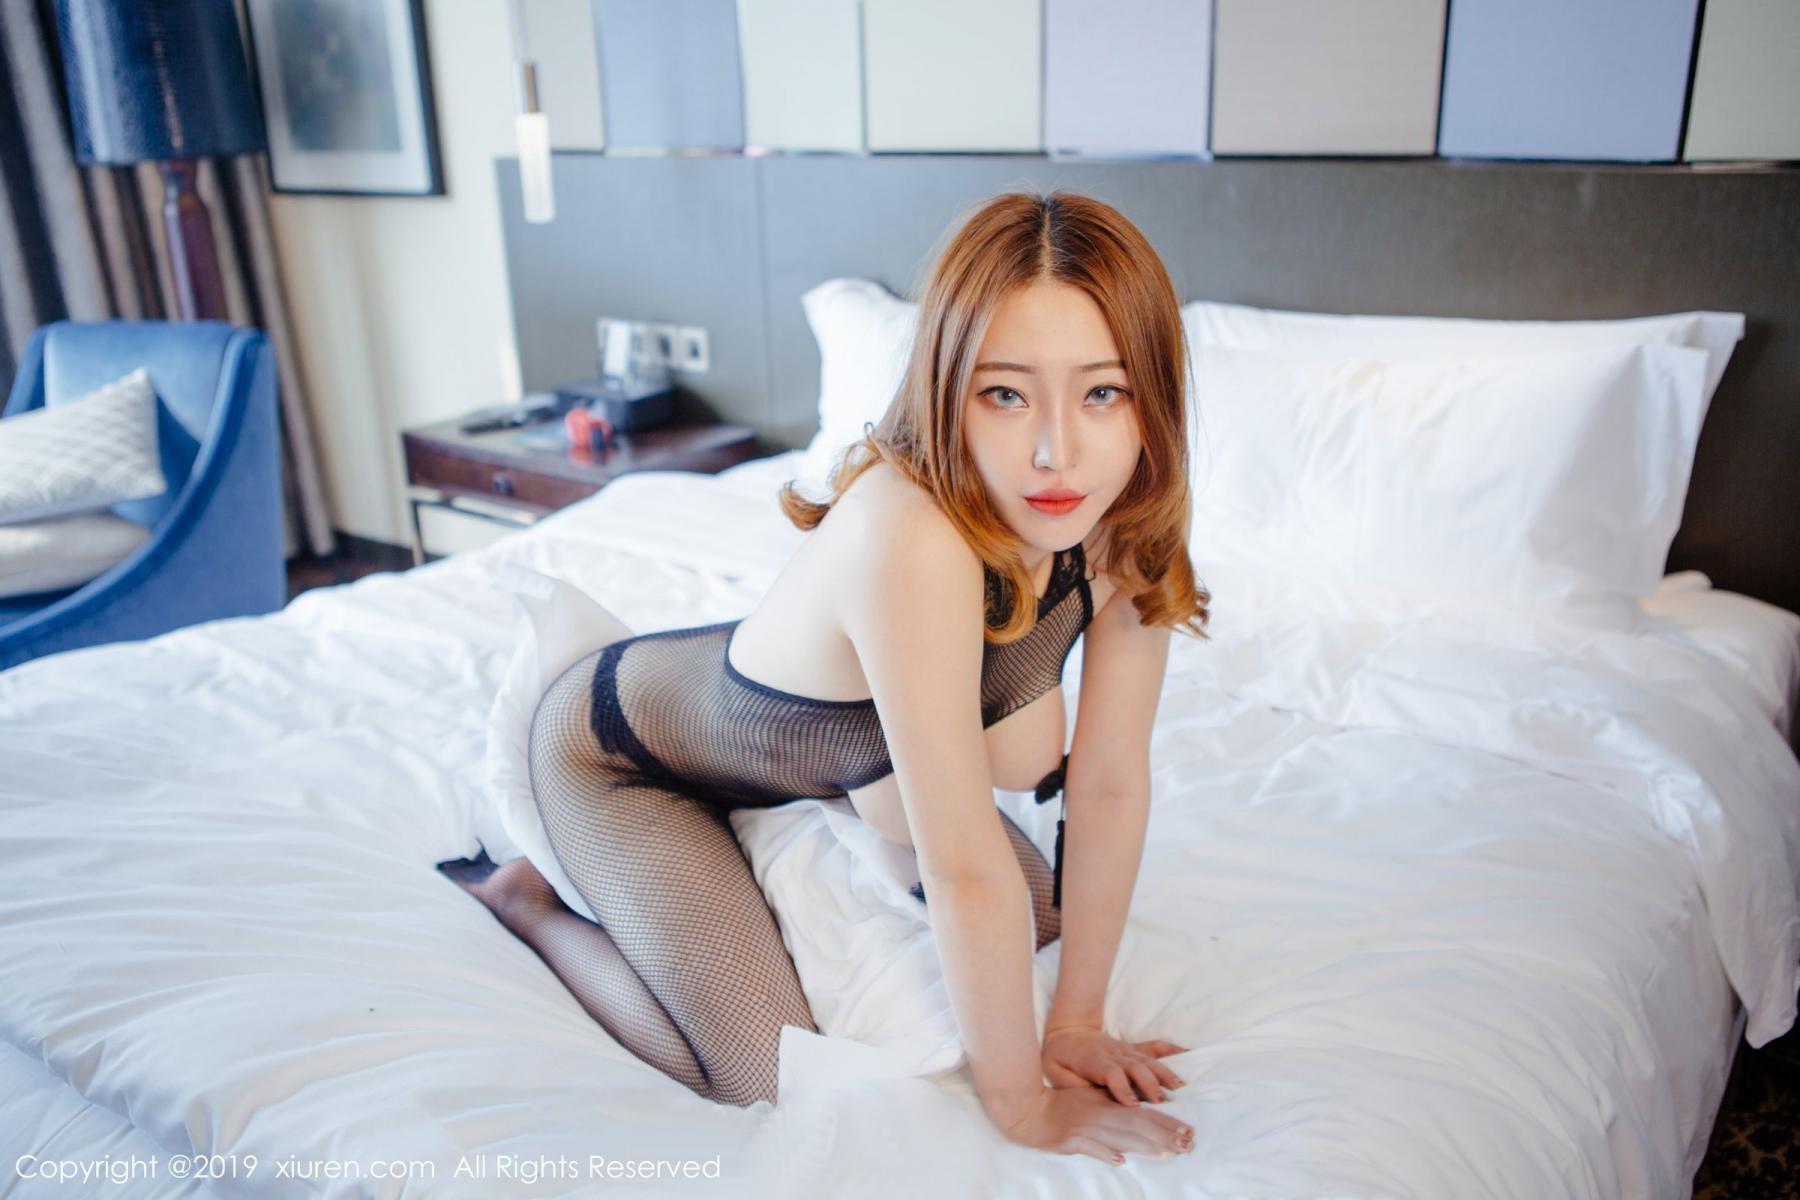 [XiuRen] Vol.1481 Yao A Yao De Yao 15P, Adult, Xiuren, Yao A Yao De Yao